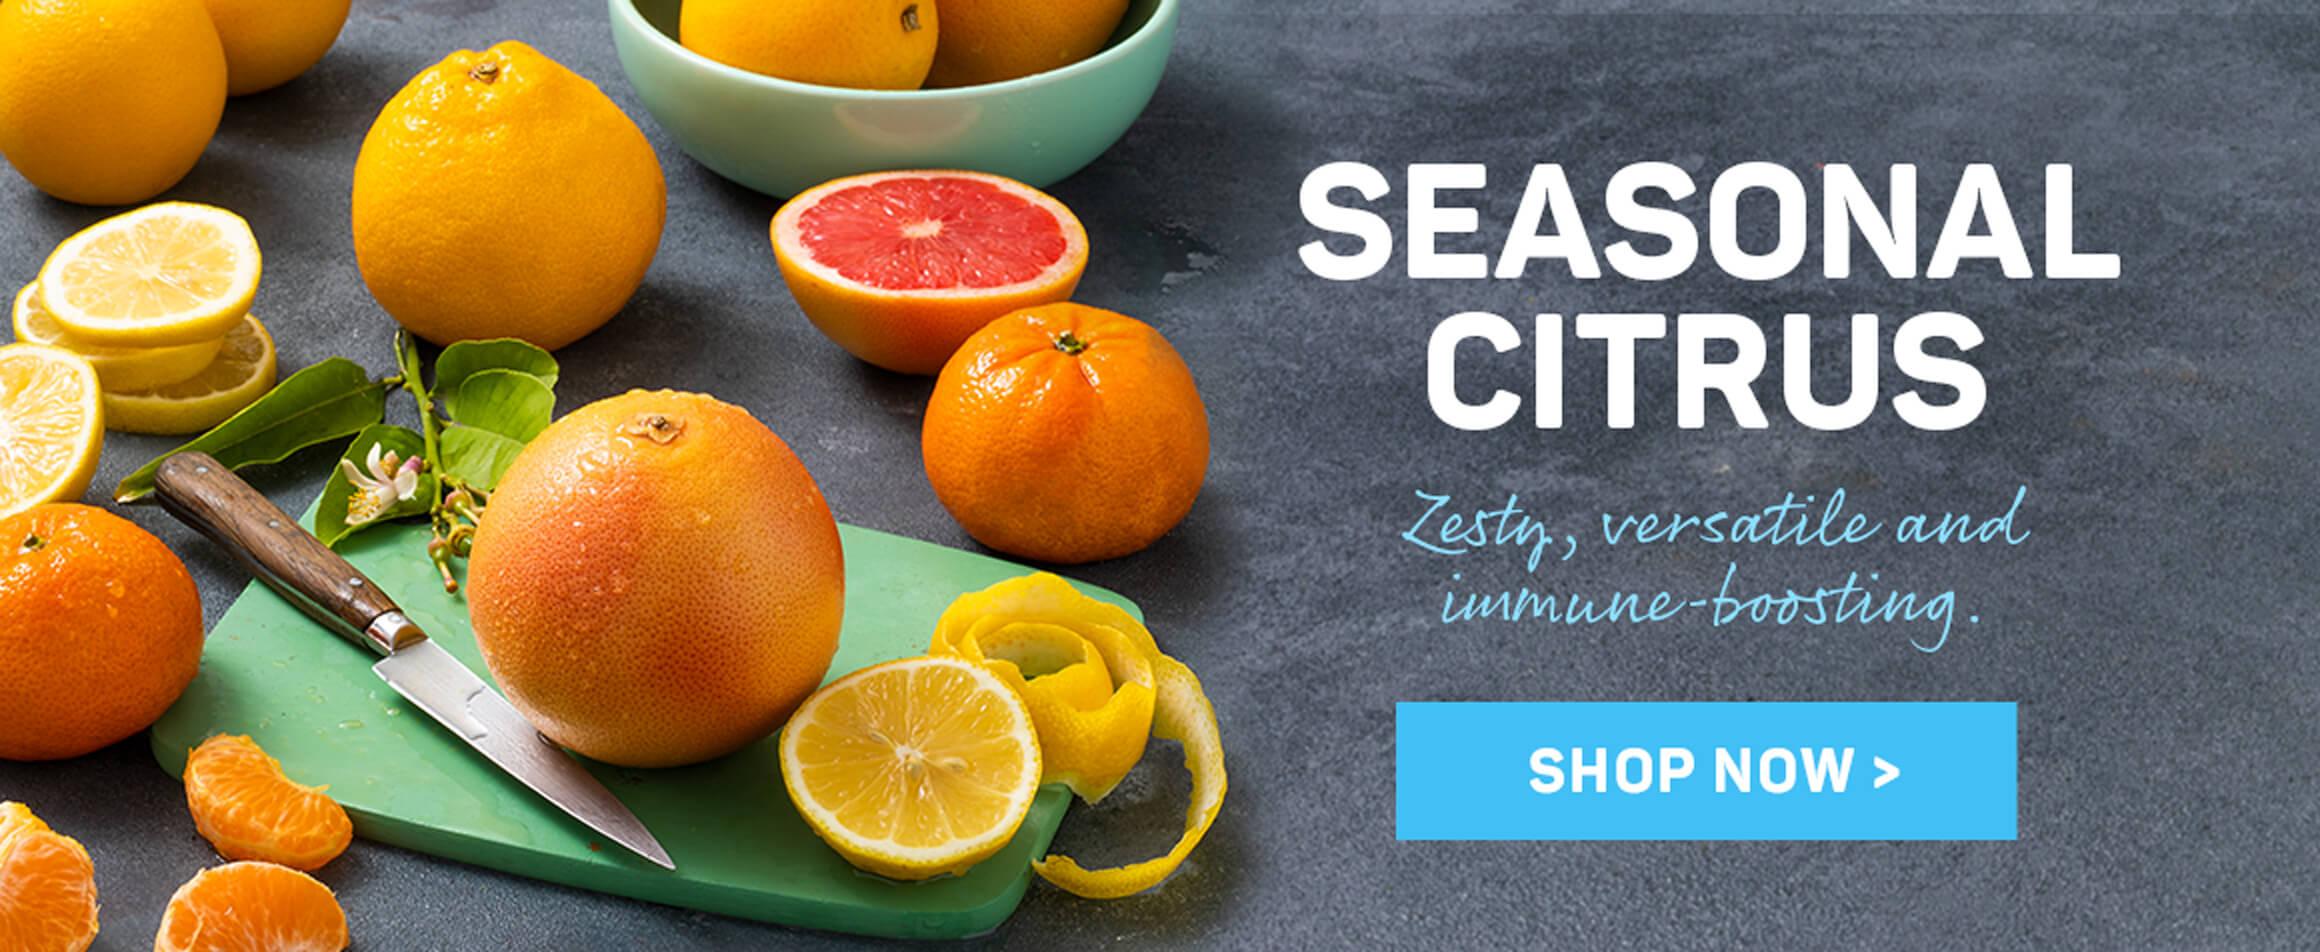 Seasonal citrus